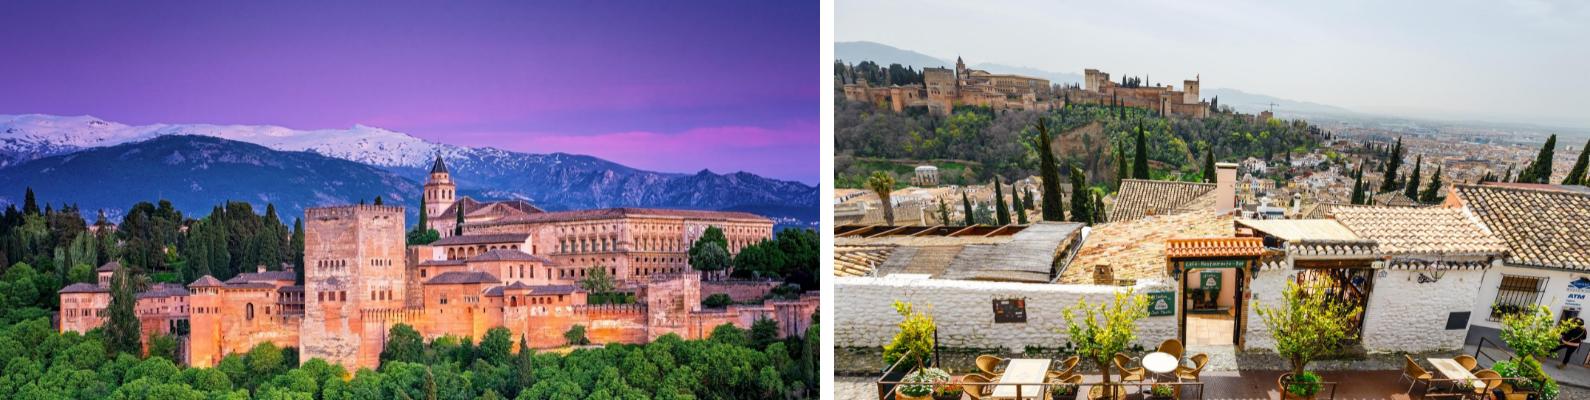 Vista de la Alhambra en el fondo vistas de Sierra Nevada y vistas del barrio del Albaicín y al fondo La Alhambra